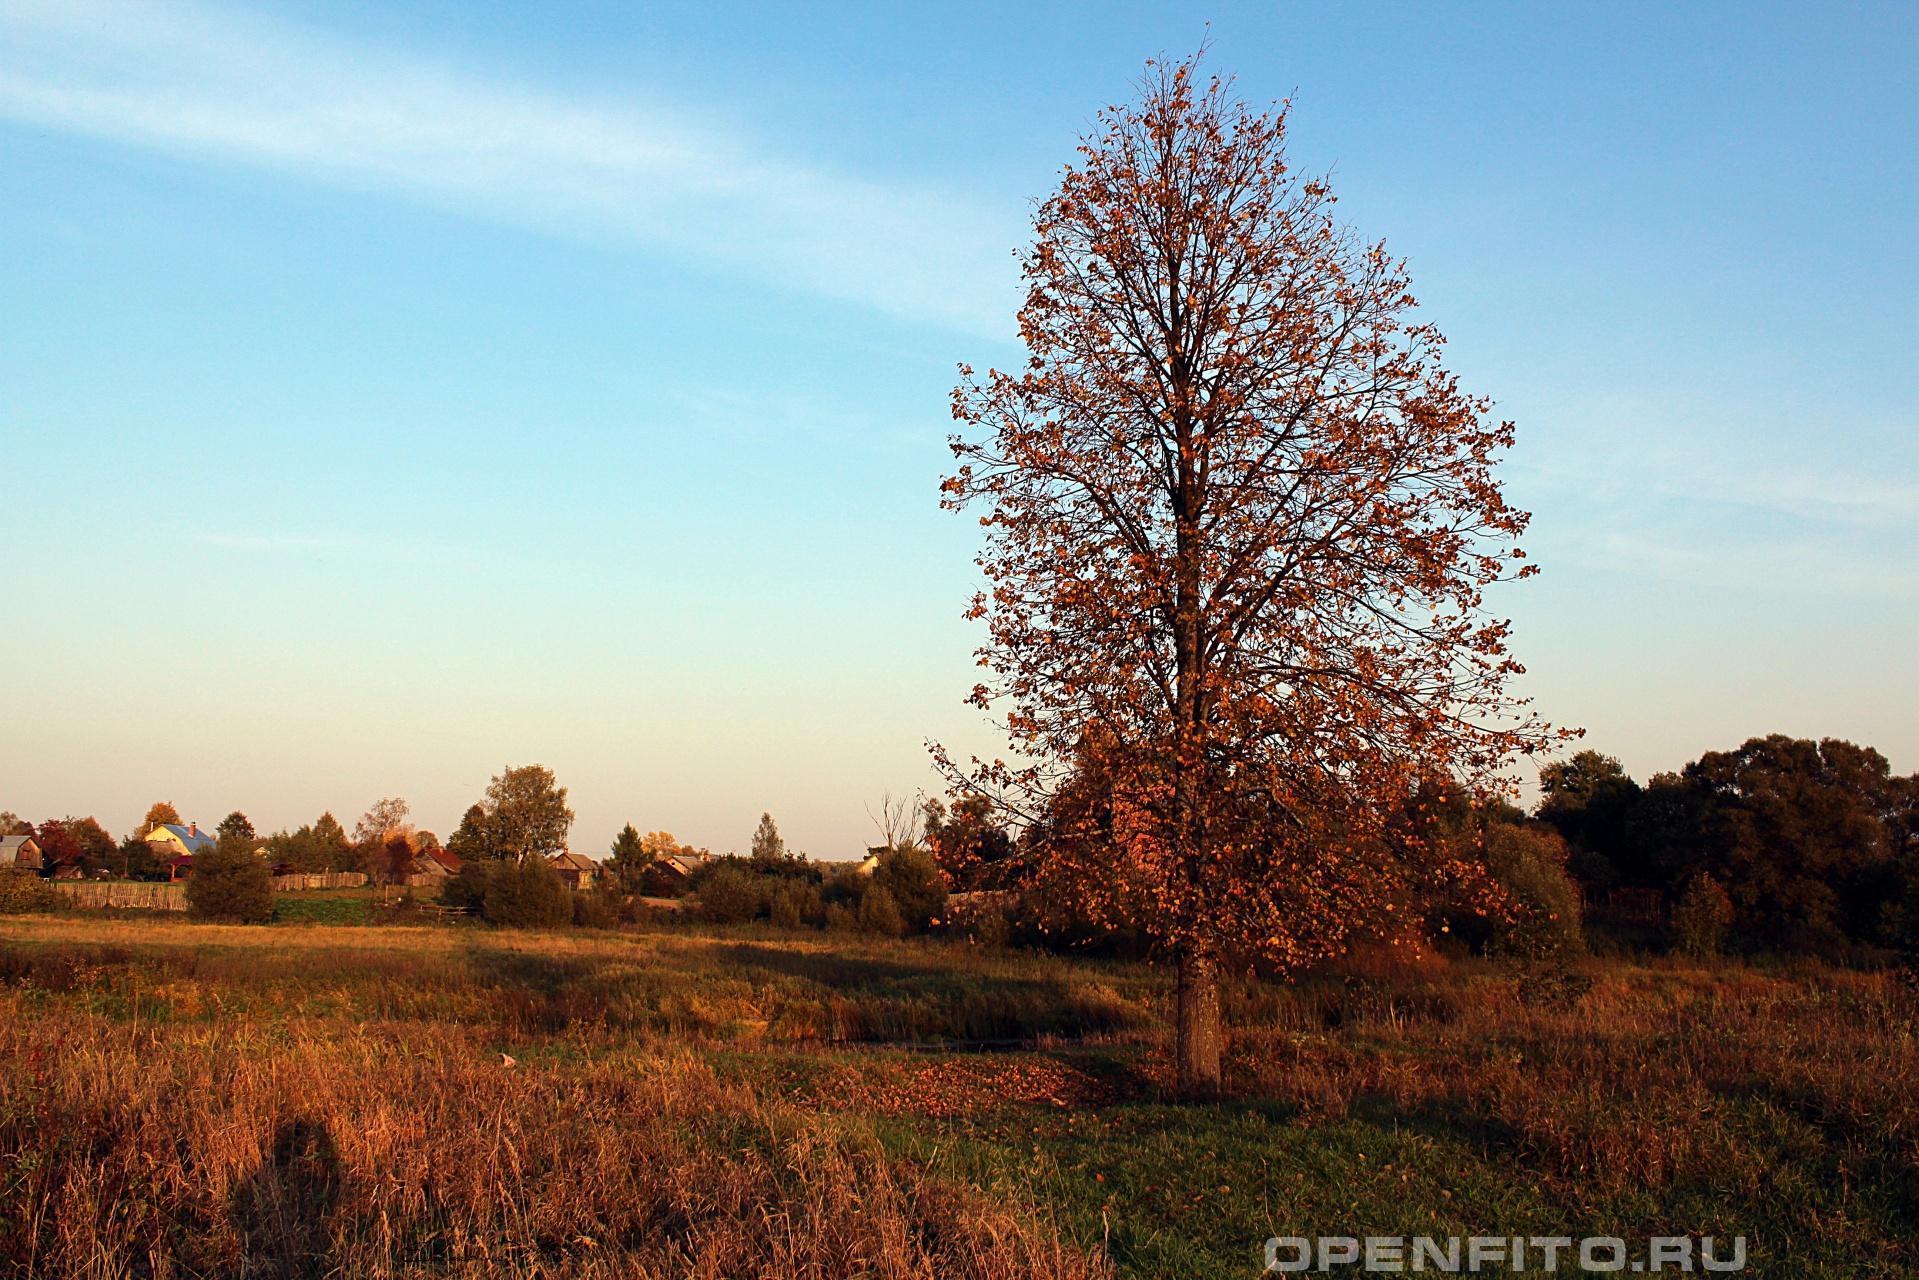 Дерево <p>село Горицы, Шуйский район Ивановской области</p>